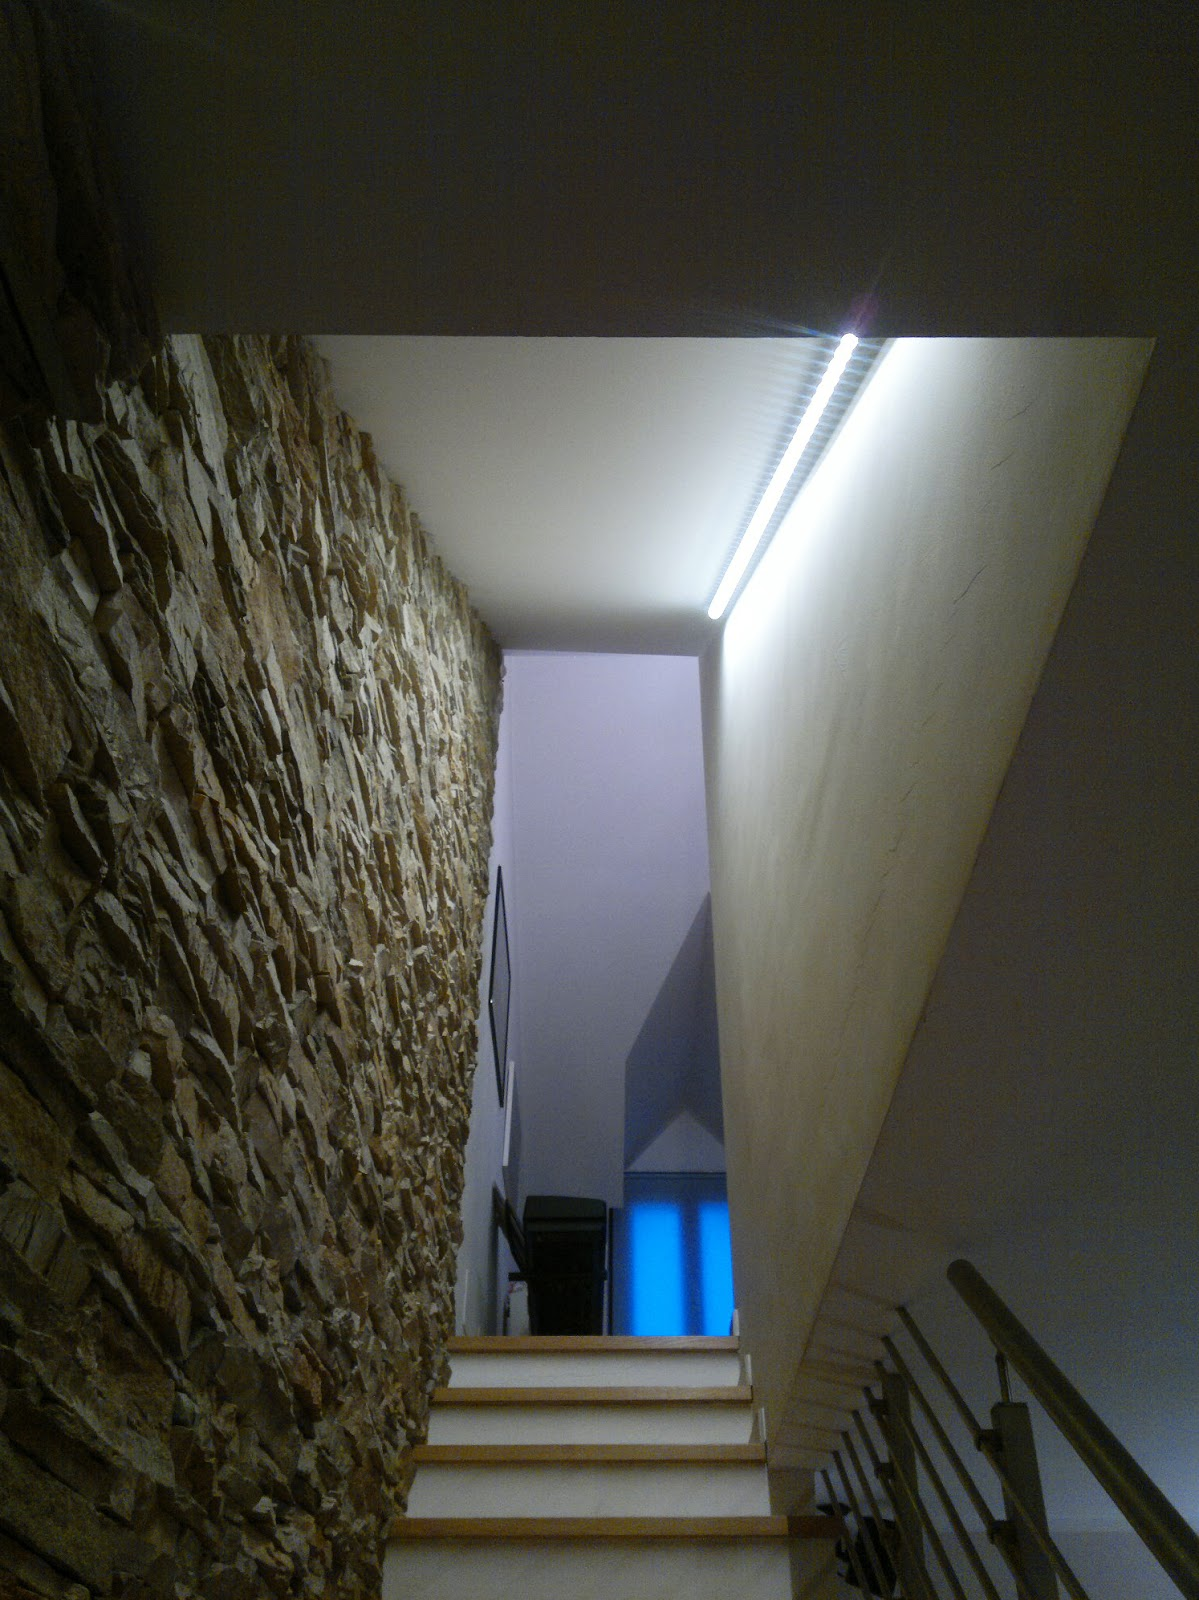 Luci led incasso led net circolare soffitto la luce for Luci led casa prezzo